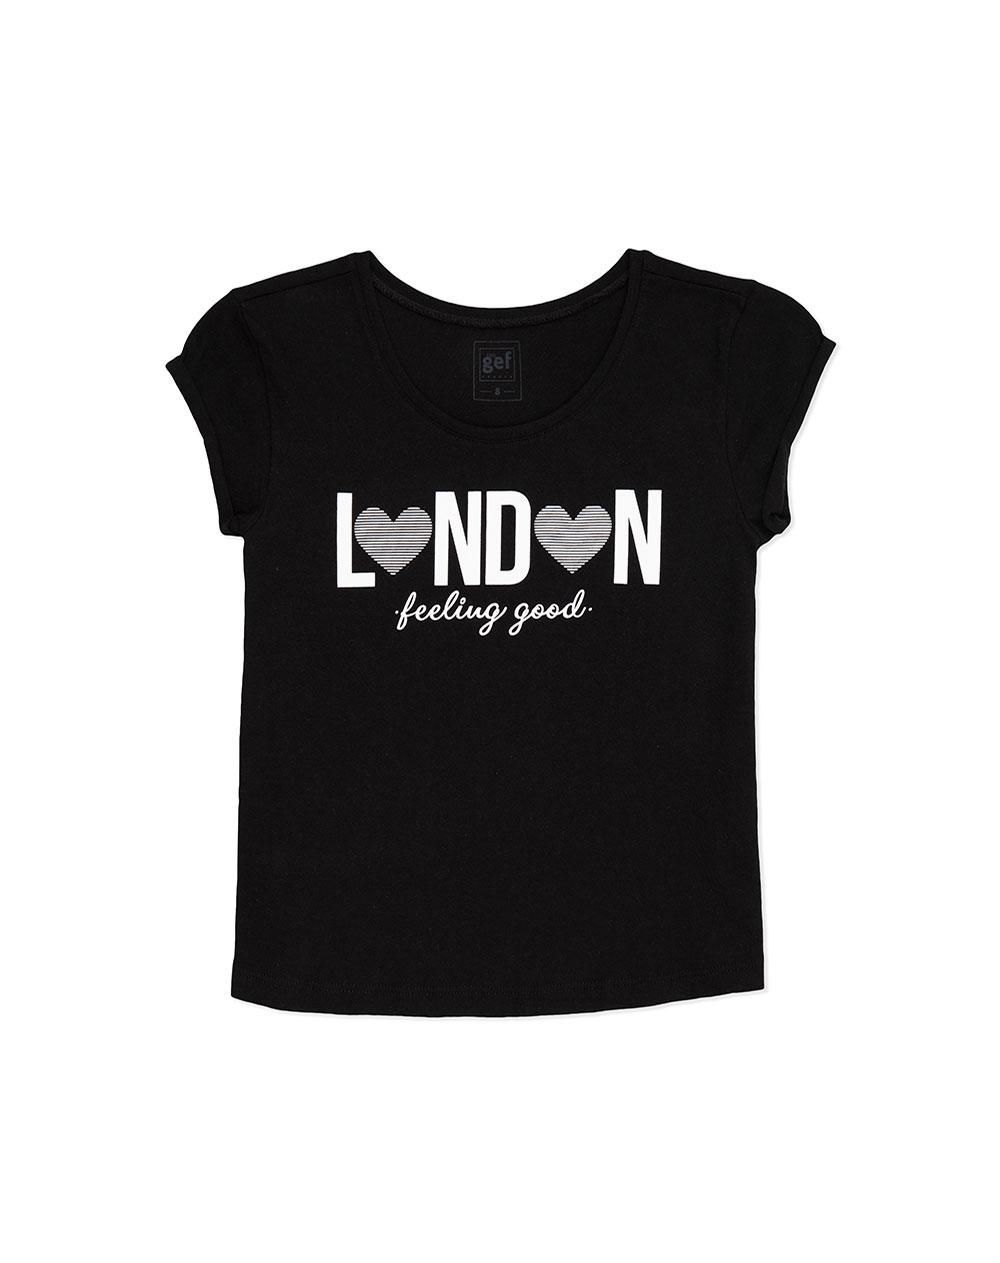 13e010dee Imagen para Camiseta para Niña City Fem Kd Negra de Gef